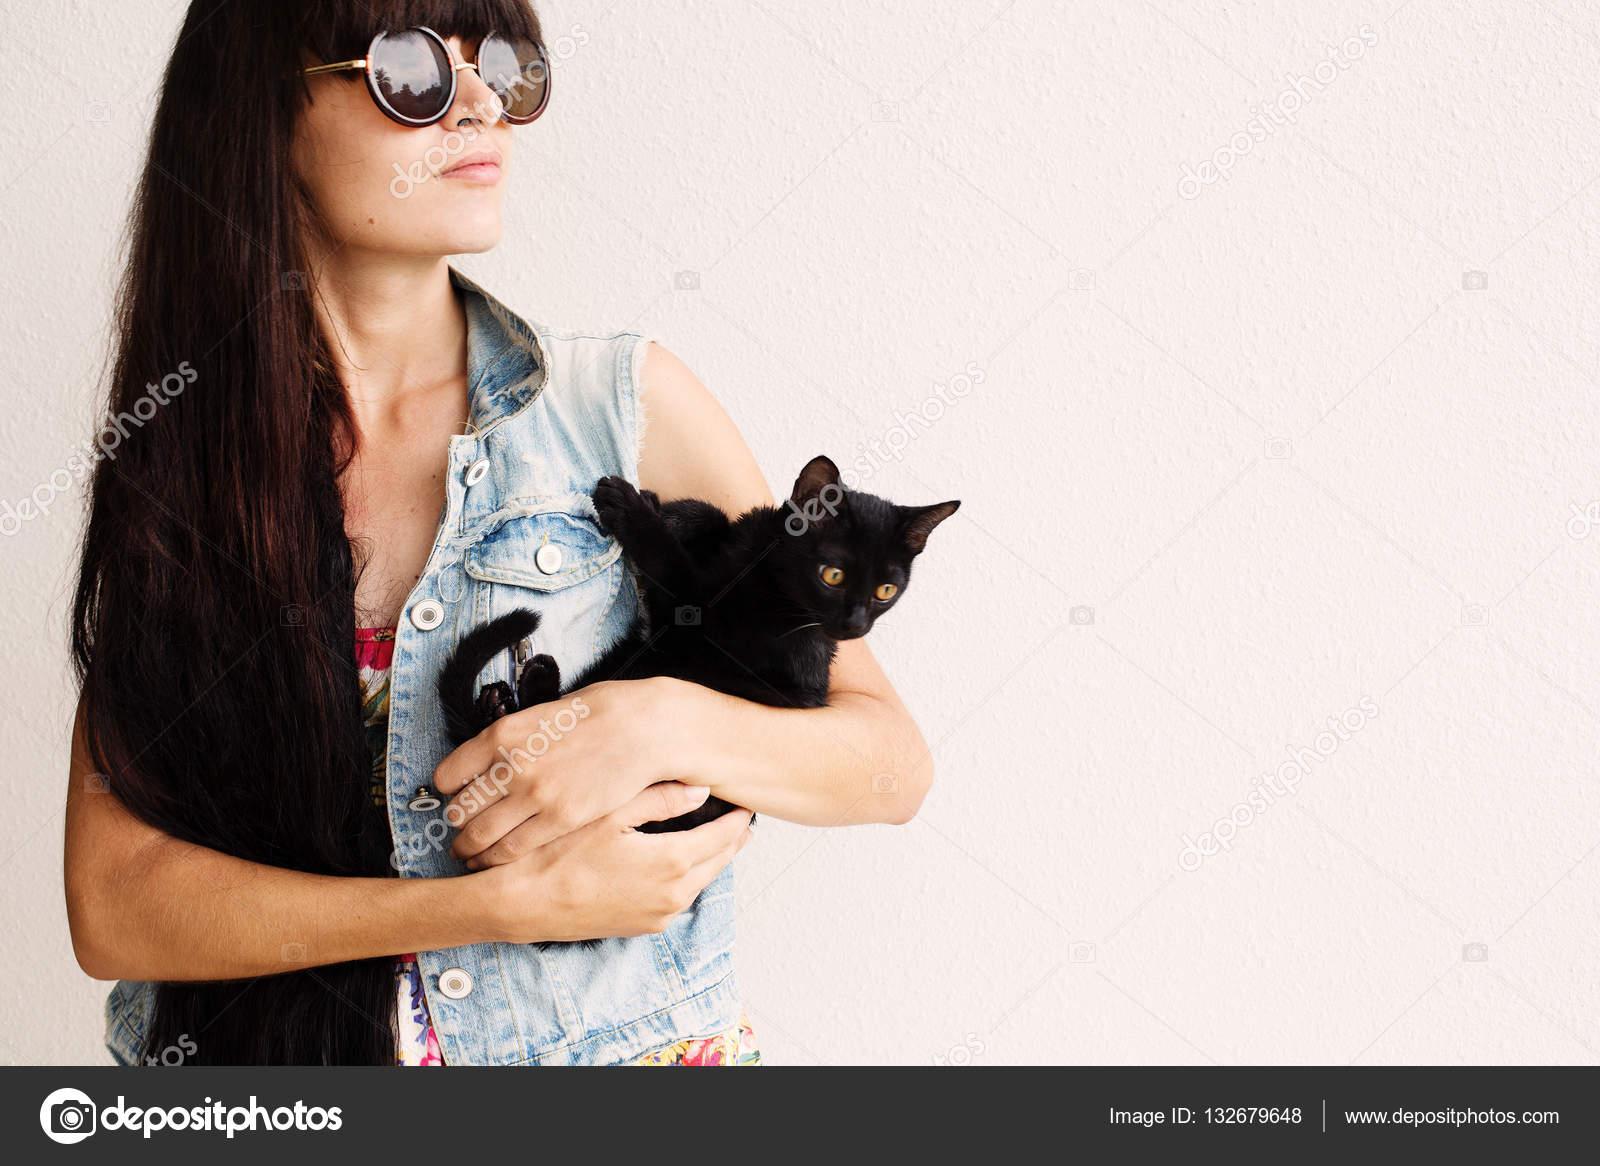 Фото девушки брюнетки а солнечных очках